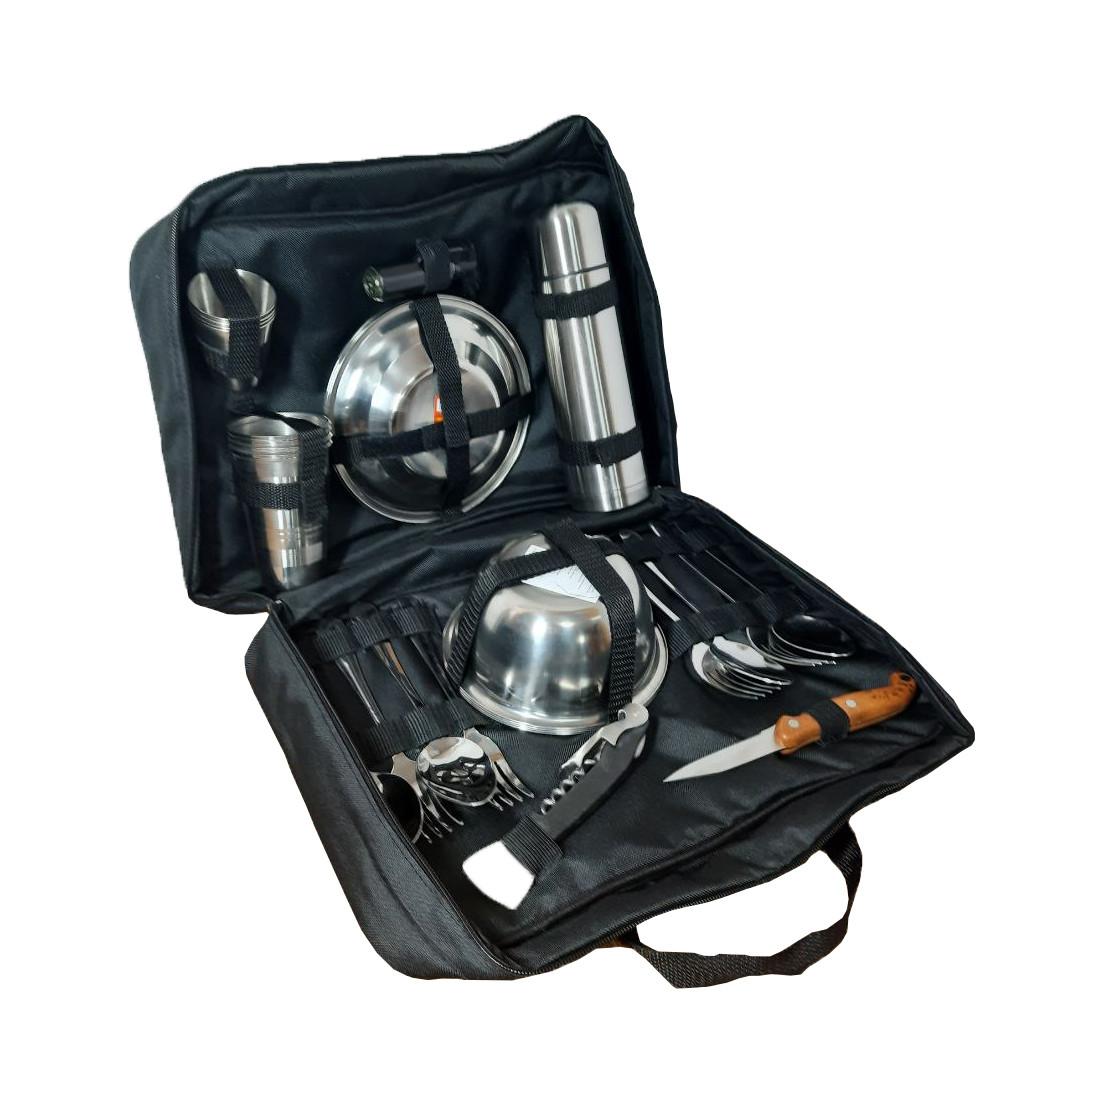 Набор для пикника на 4 персоны в сумке №2 (29 предметов). Сумка походная, набор для туризма №1